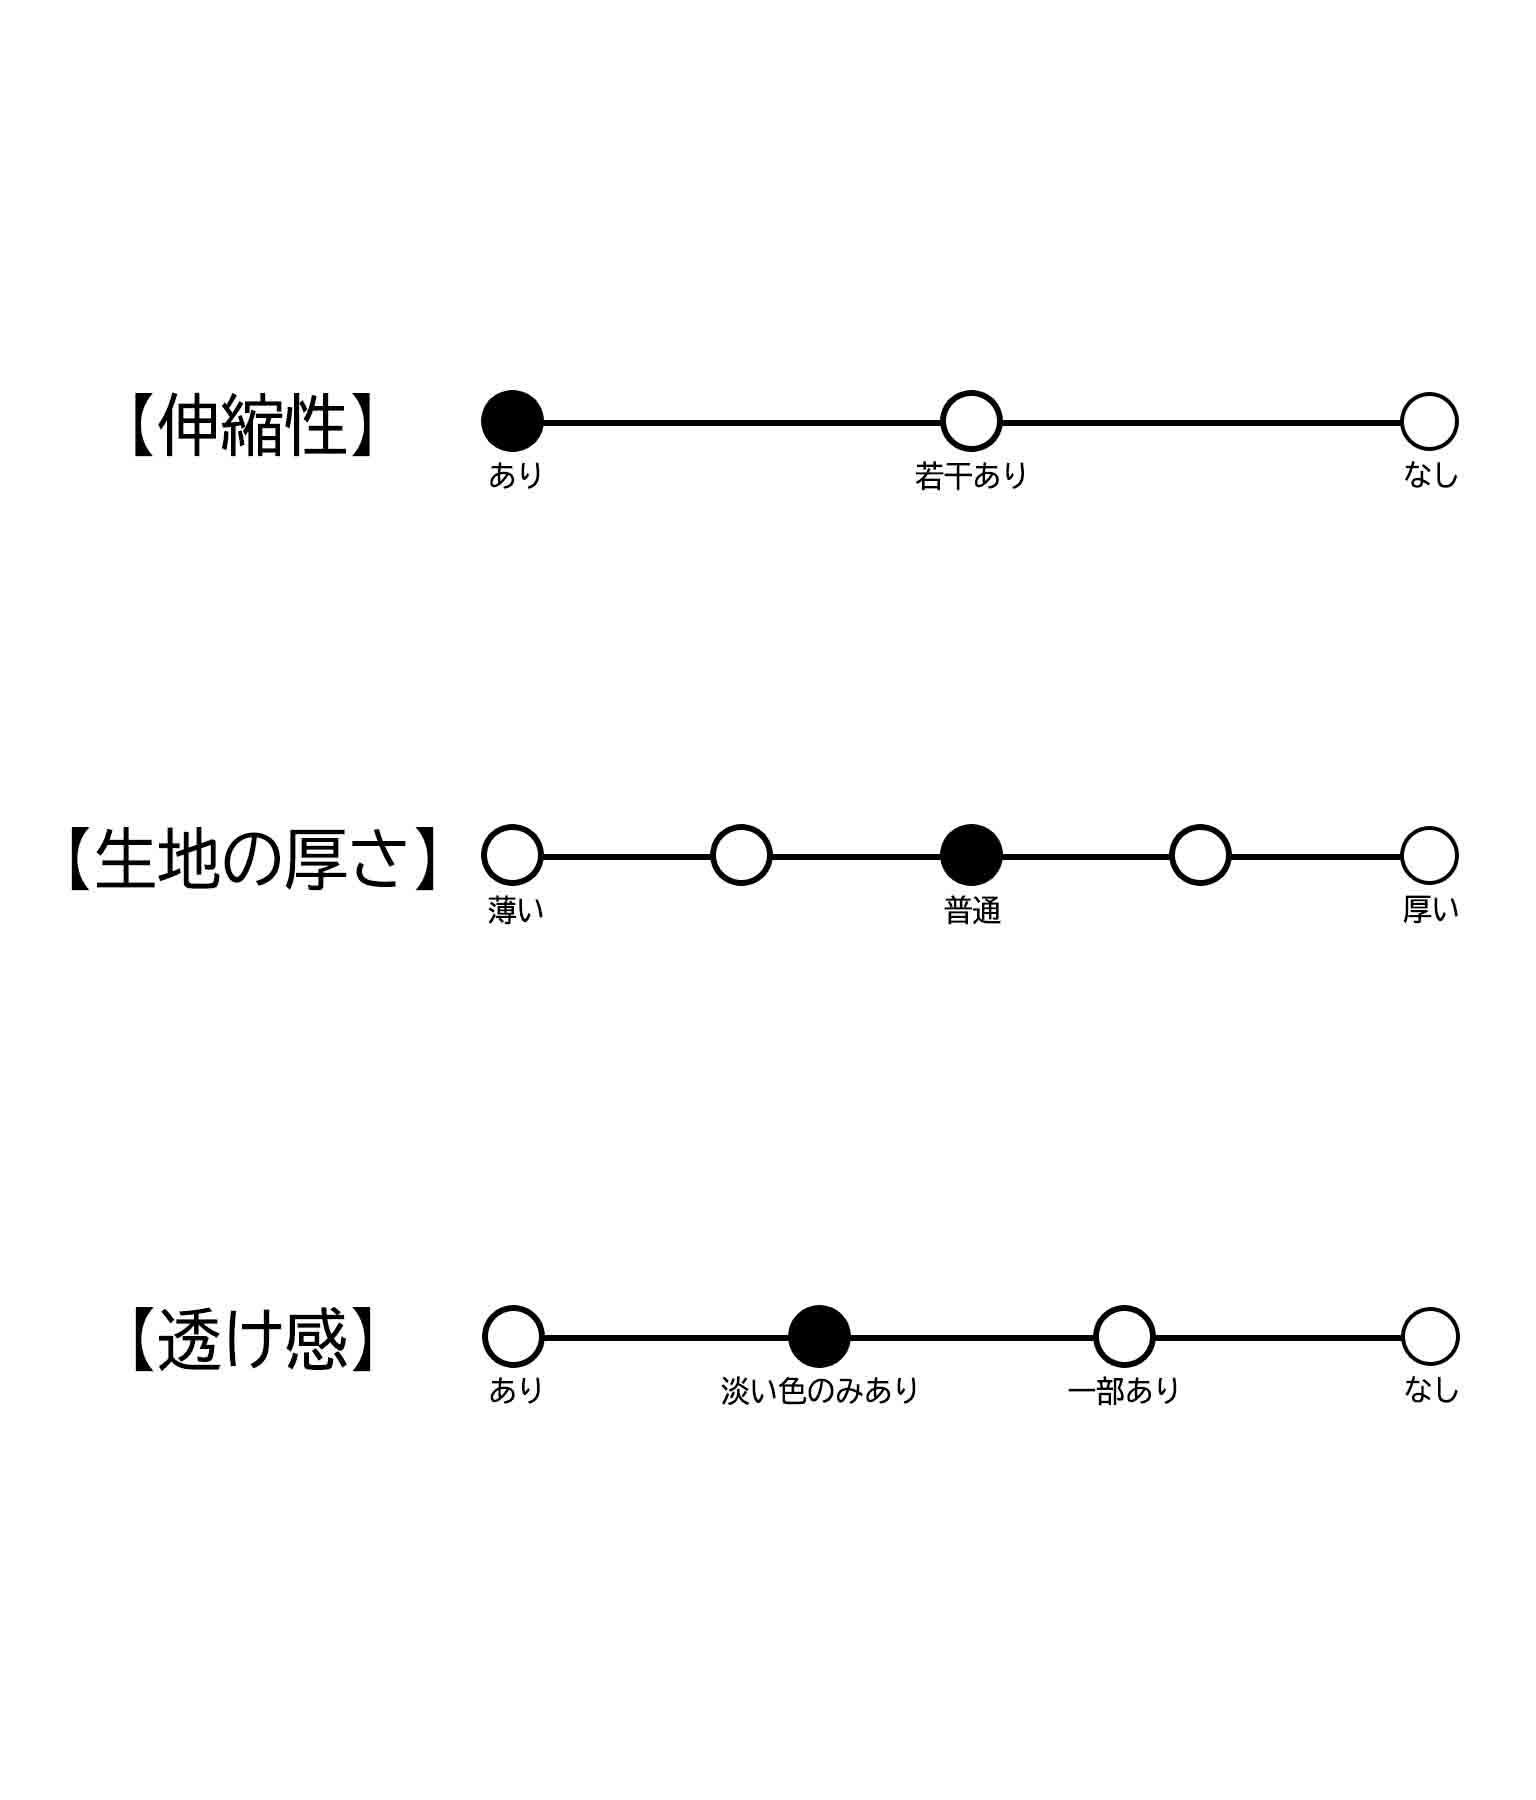 袖メッシュ切替ファッショニスタトップス(トップス/Tシャツ)   ANAP KIDS